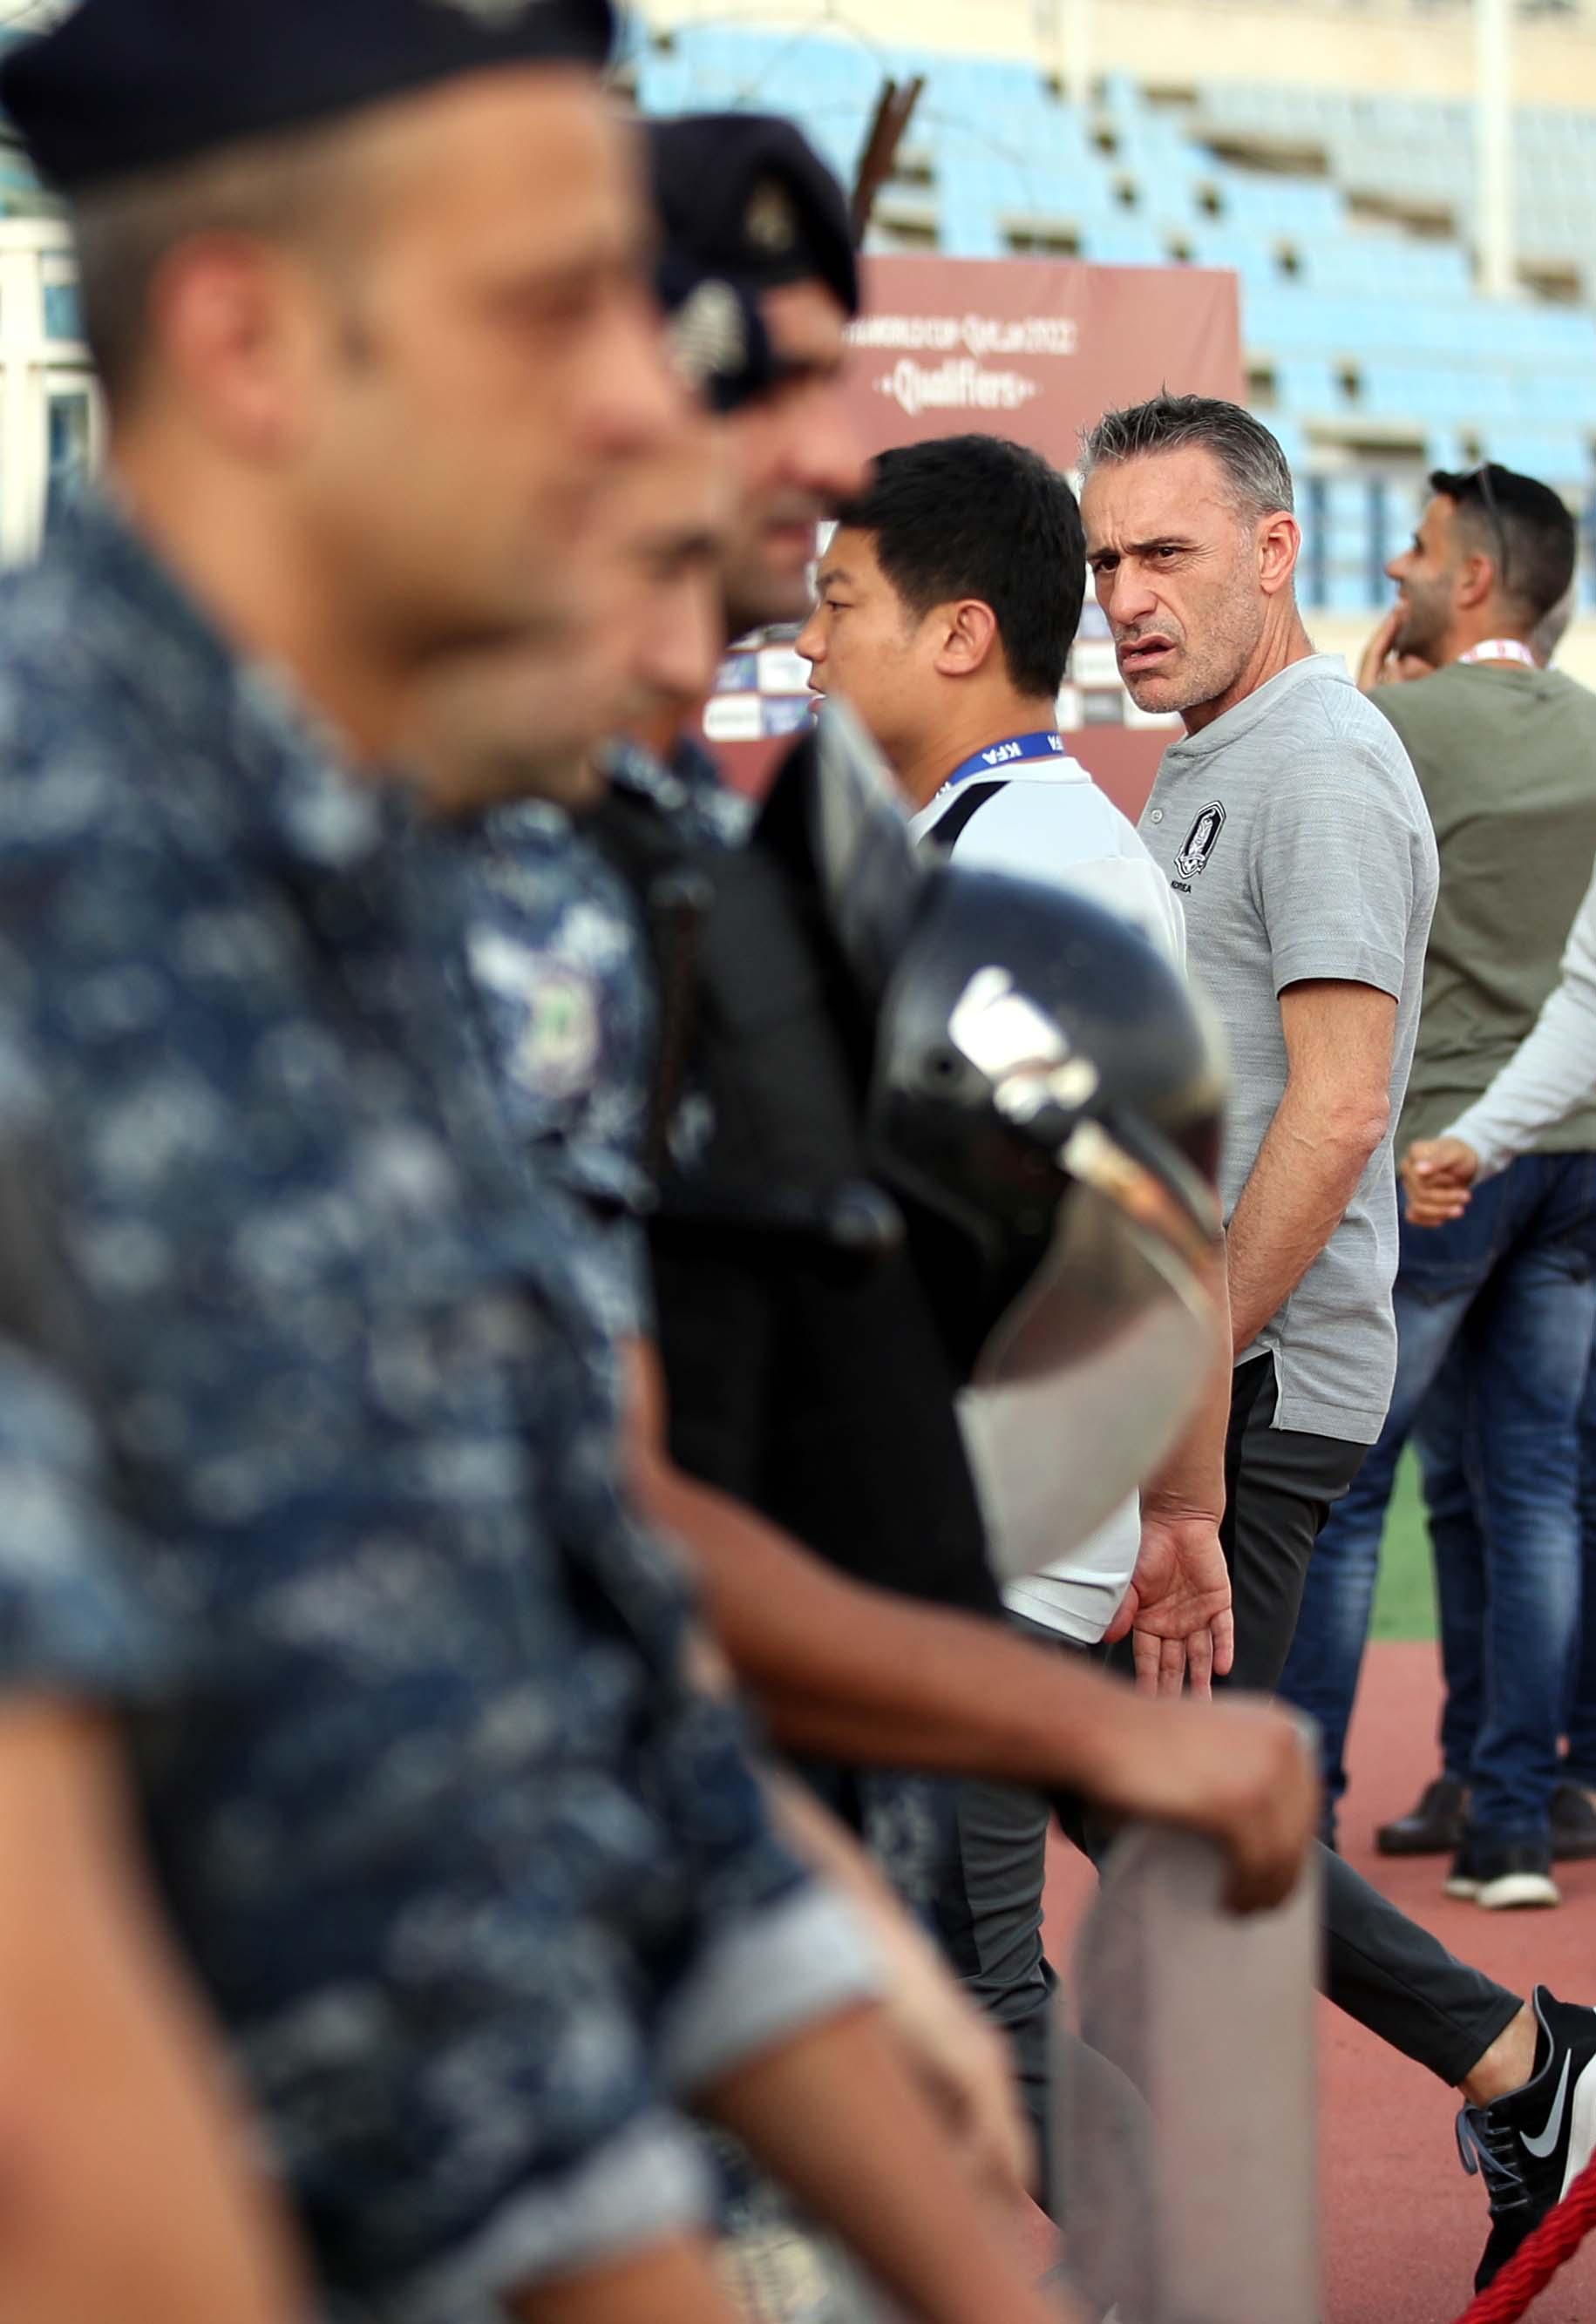 벤투 한국 축구대표팀 감독이 14일 레바논 베이루트에서 열리는 2022년 카타르 월드컵 2차 예선 4차전 레바논전 무관중 경기에 앞서 그라운드를 확인한 뒤 경찰병력을 바라보고 있다. 반정부 시위 악화 등 안전상의 이유로 무관중 경기로 치러졌다. [뉴스1]